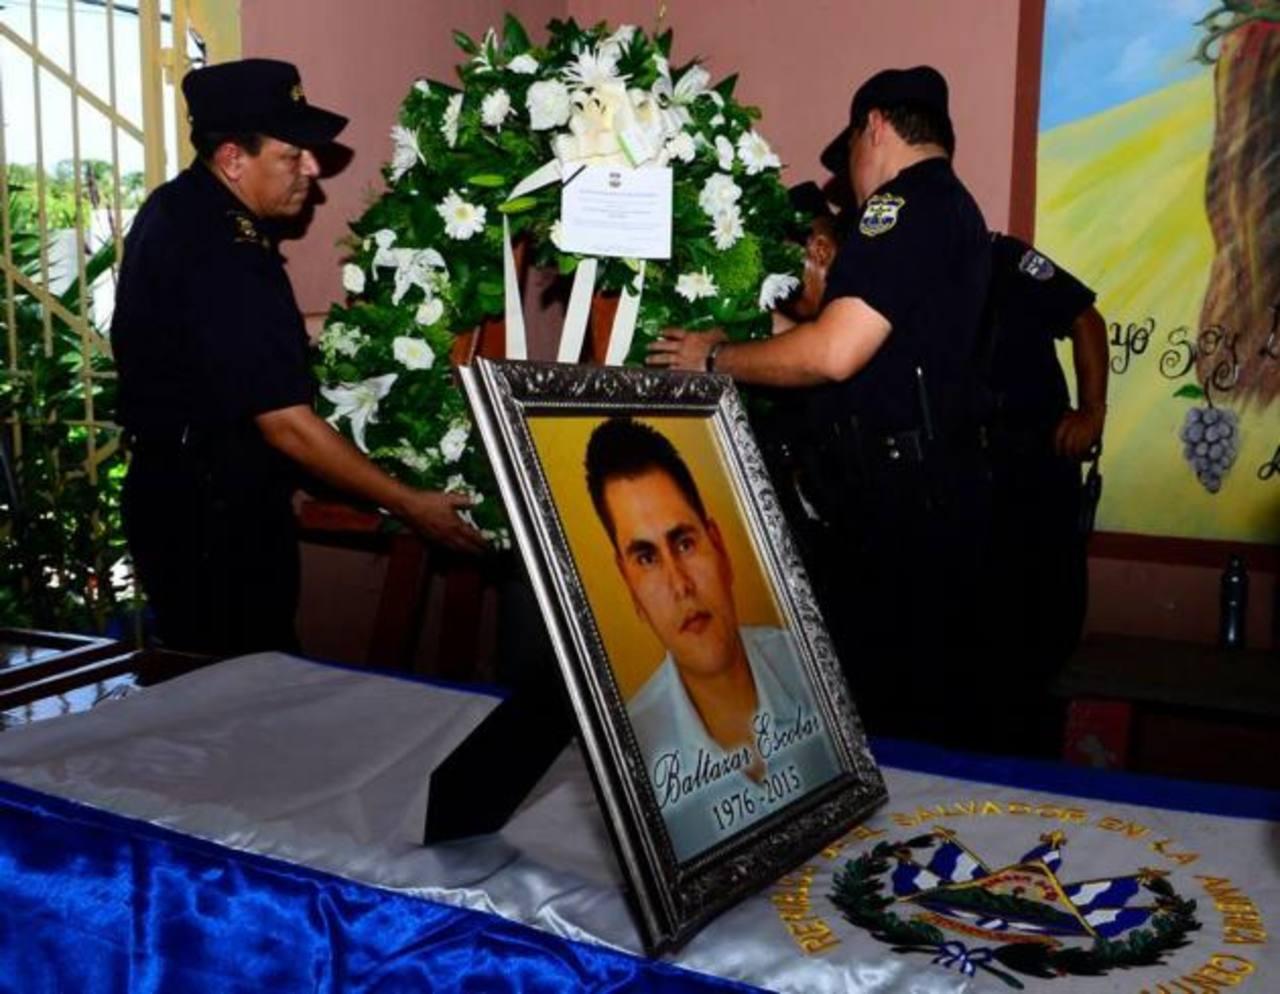 59 agentes han sido asesinados al 14 de diciembre de 2015